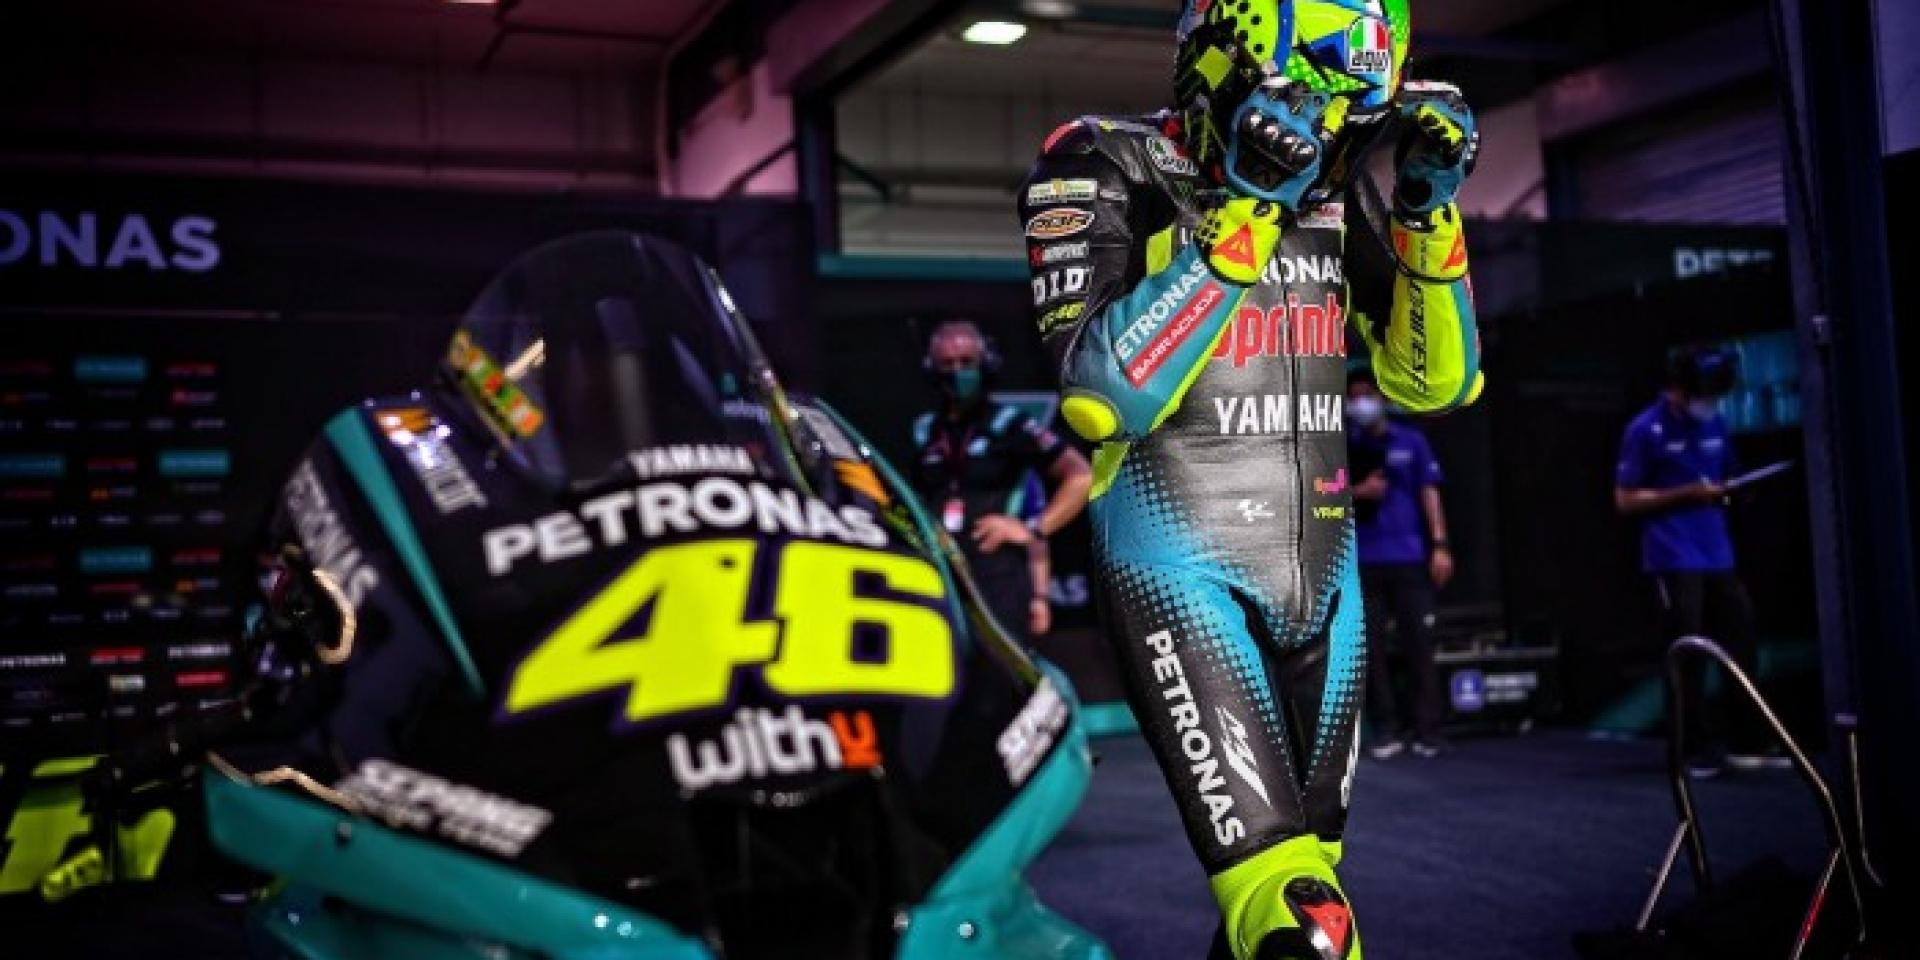 再見!偉大與傳奇的螢光黃46號!Valentino Rossi官方聲明2021年賽季結束後正式退休!